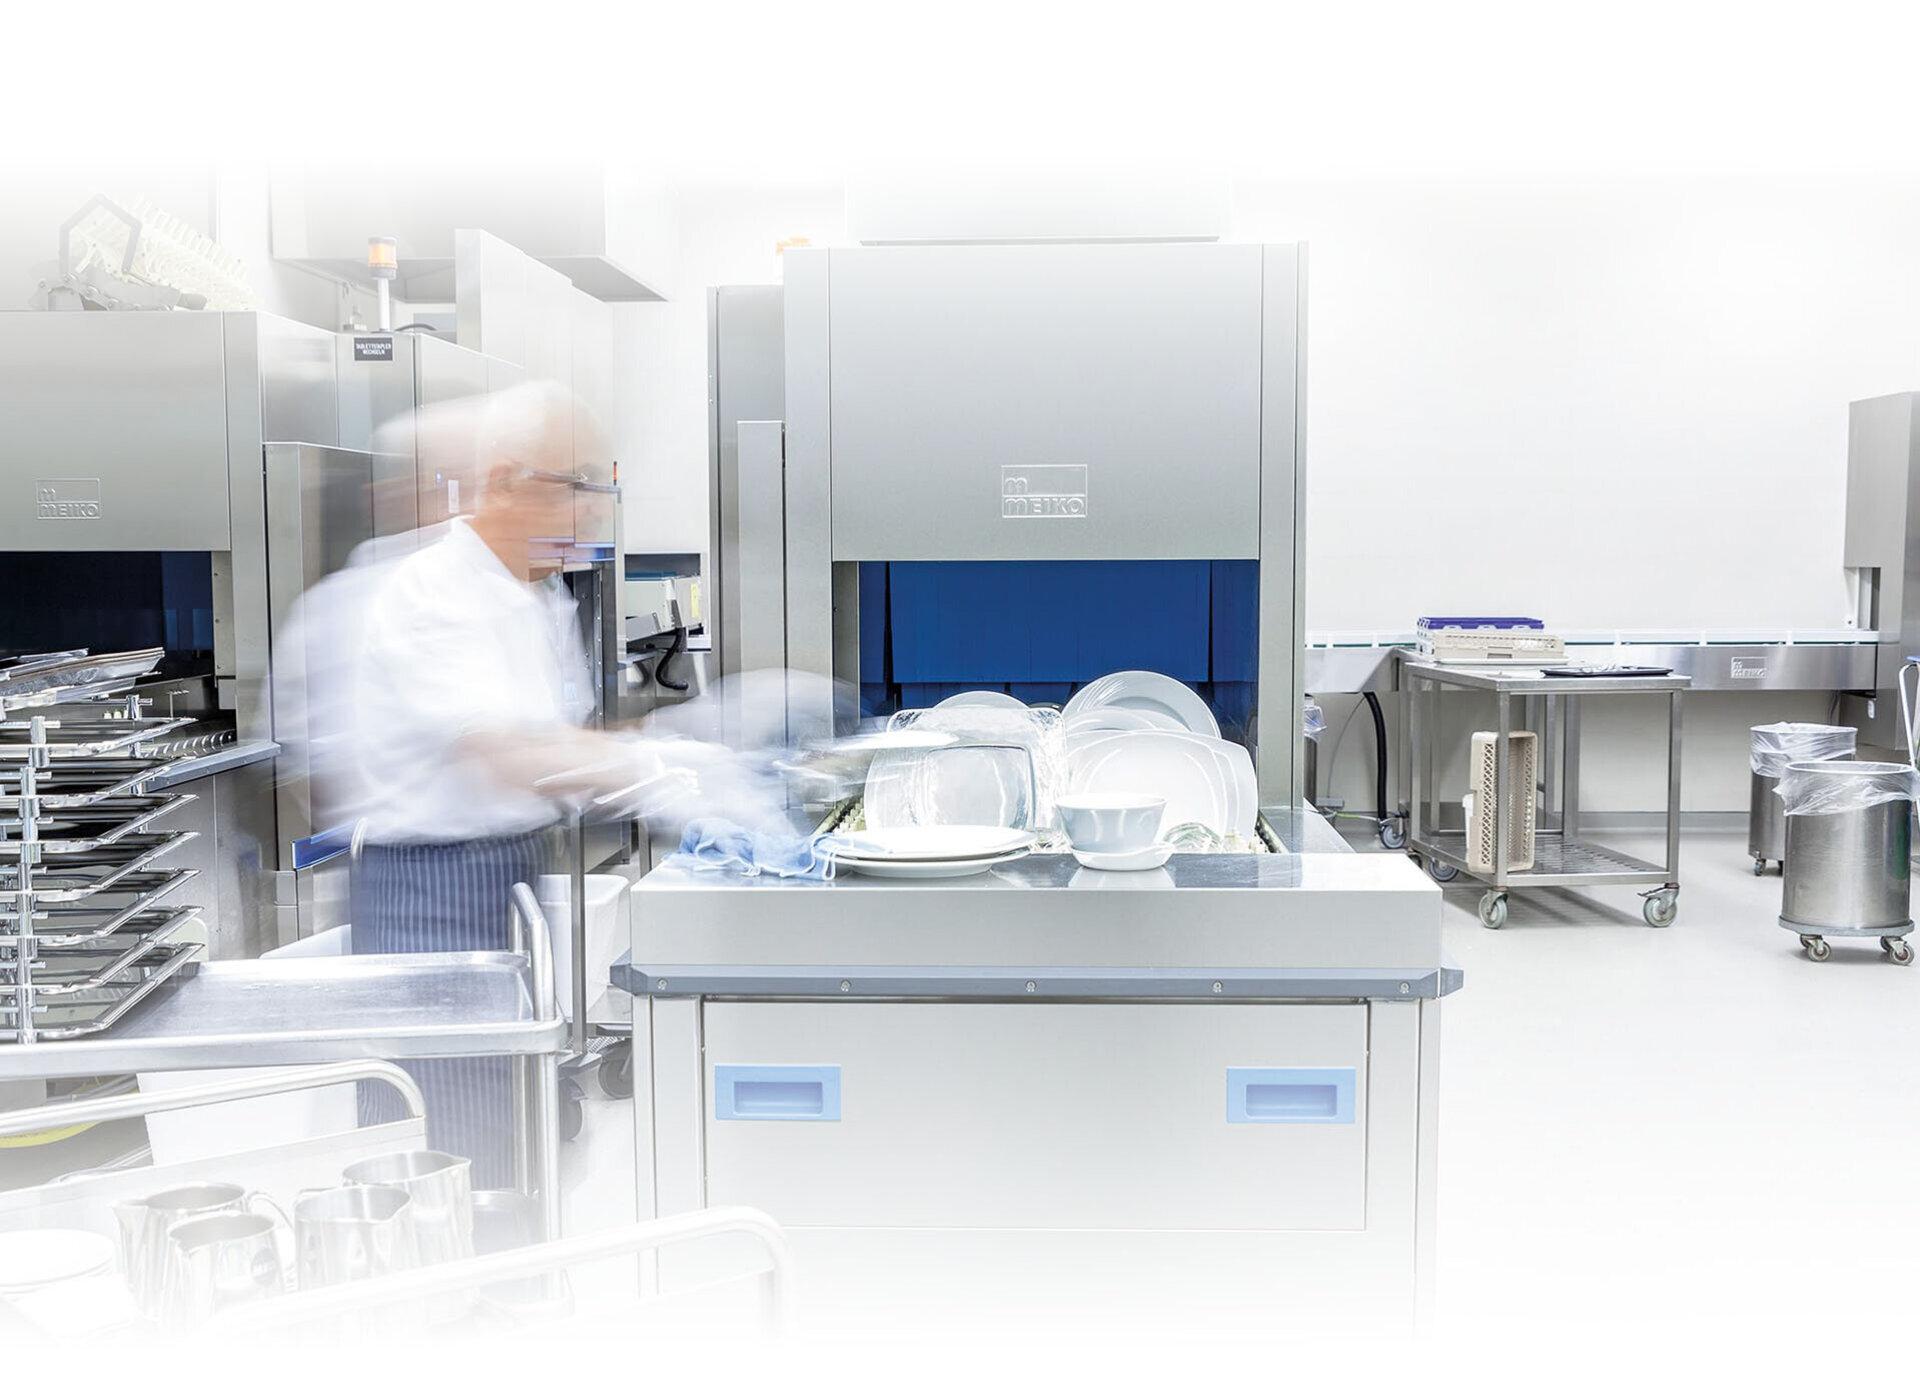 Nettoyer Interieur Lave Vaisselle lave vaisselle industriel à convoyeur m-iq - meiko